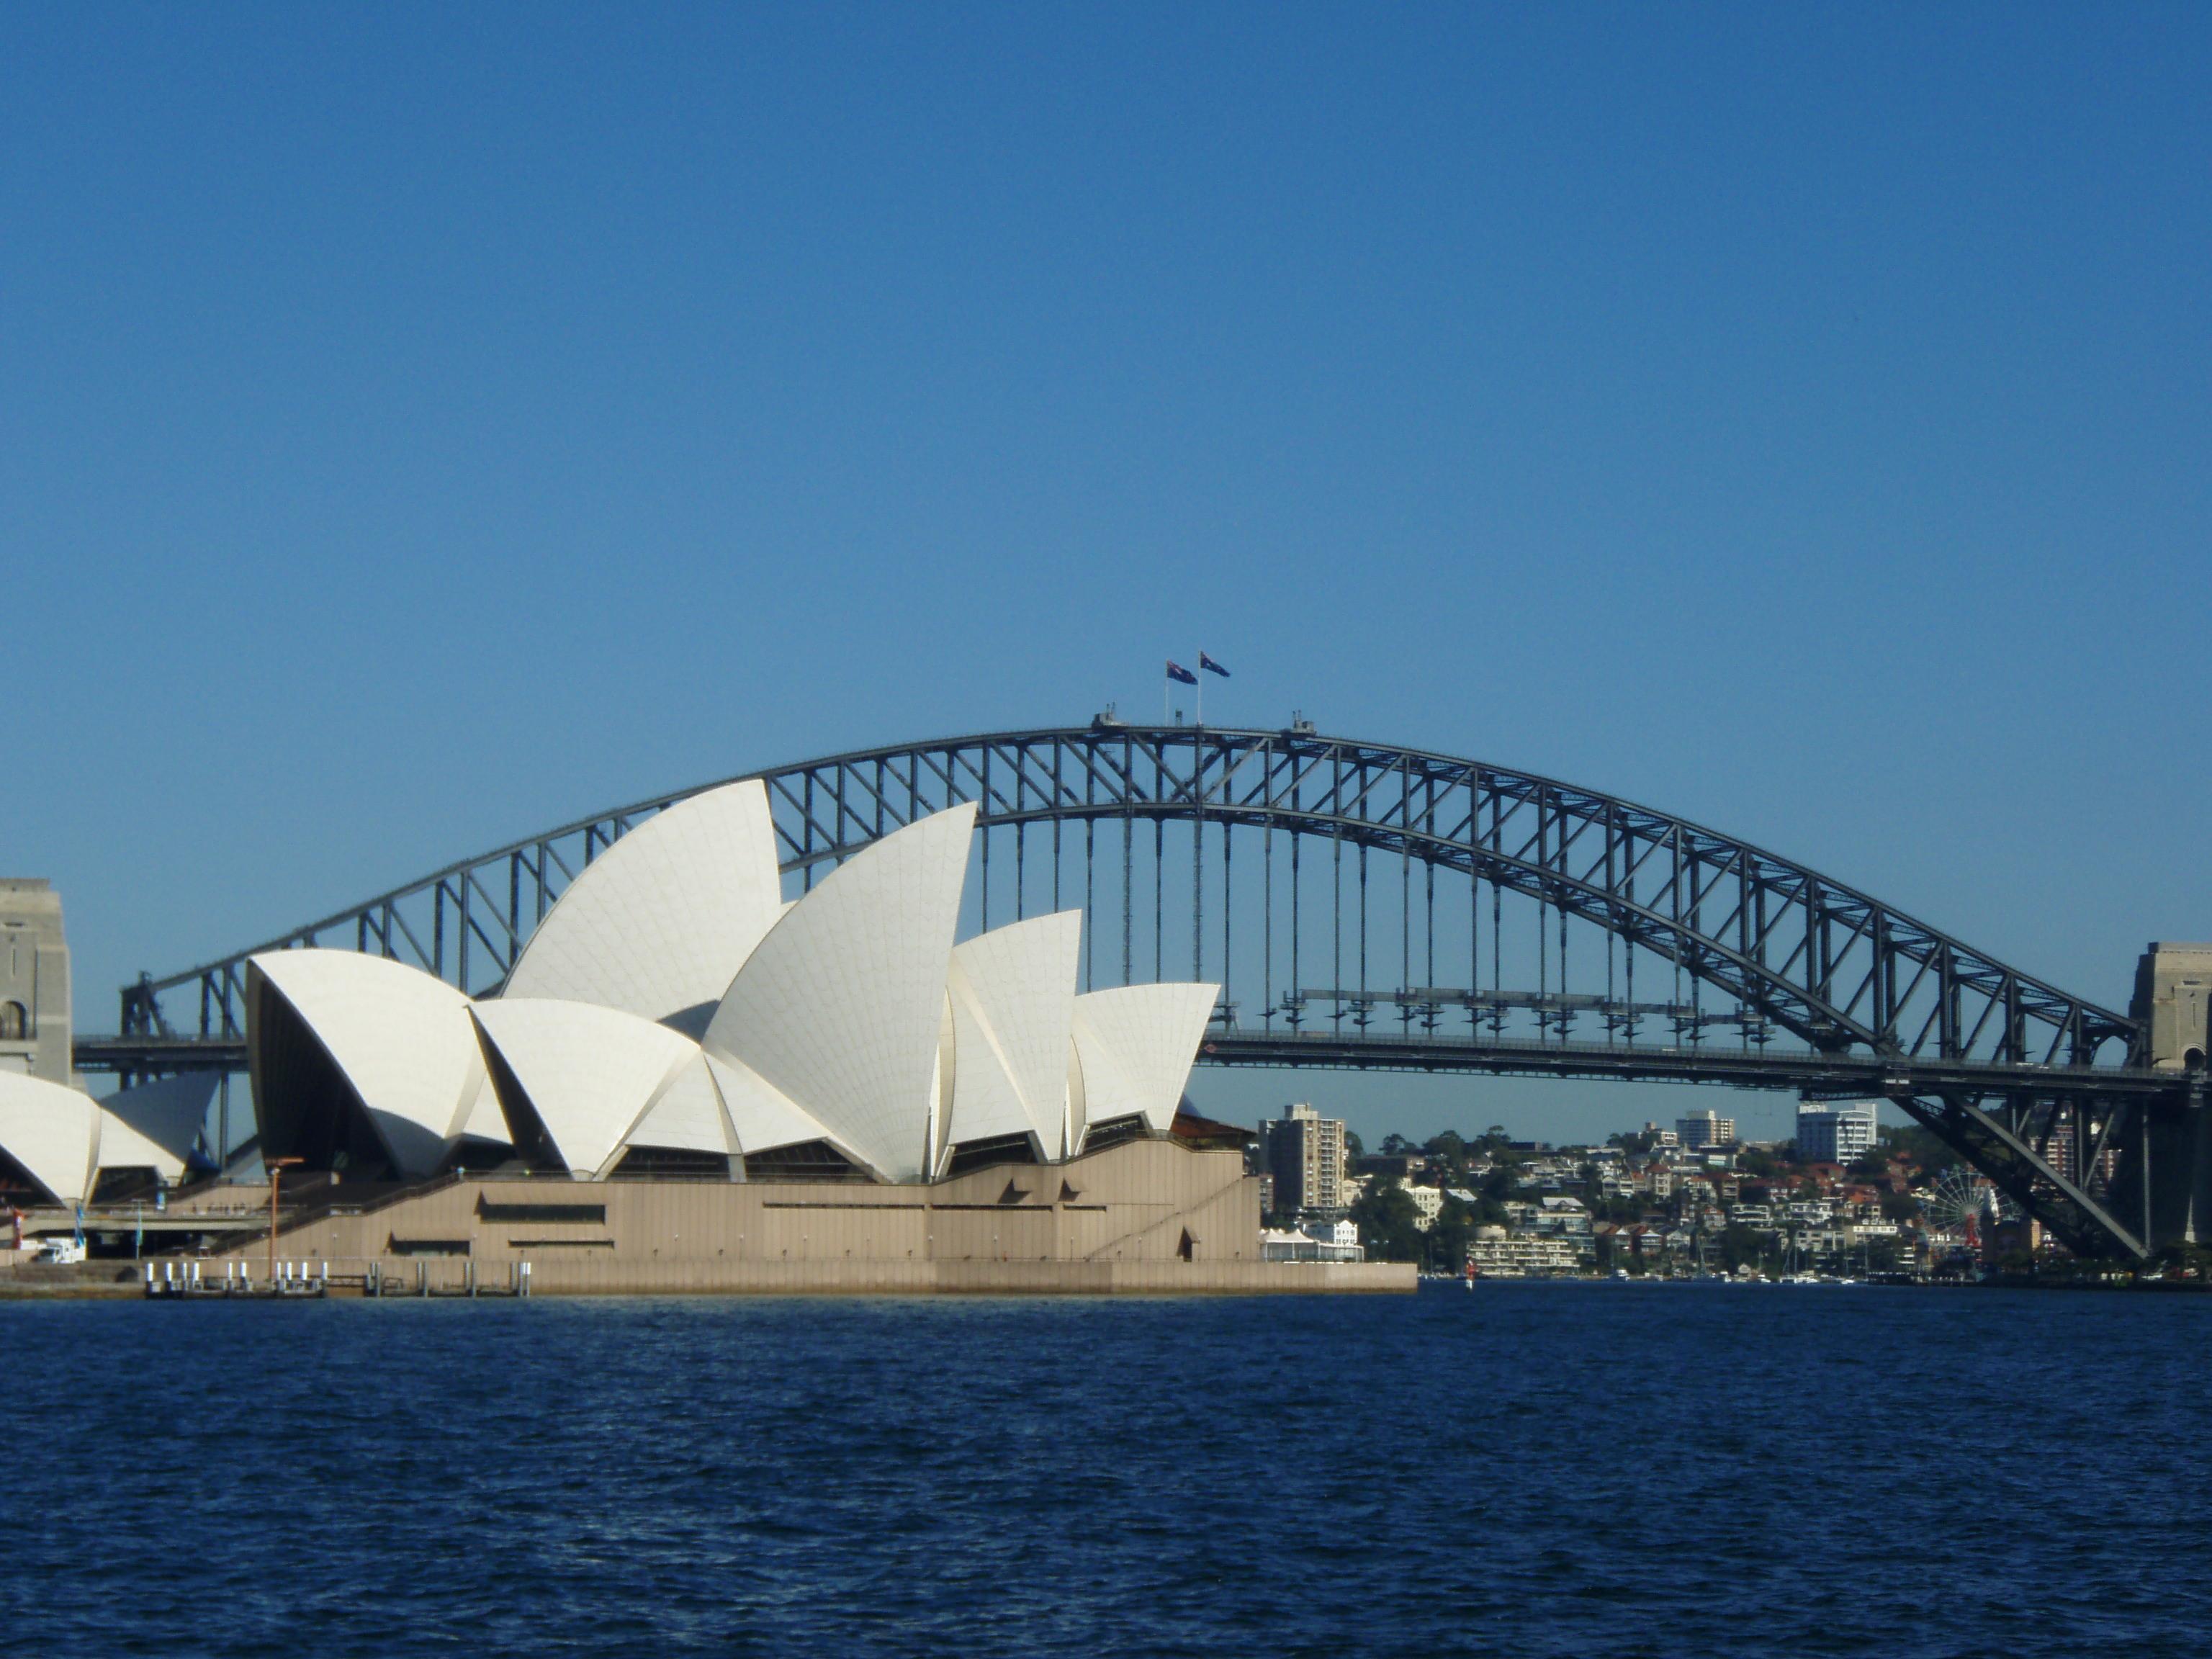 オーストラリアの面積は日本の何倍?国土の大きさ比較してわかりやすく解説!